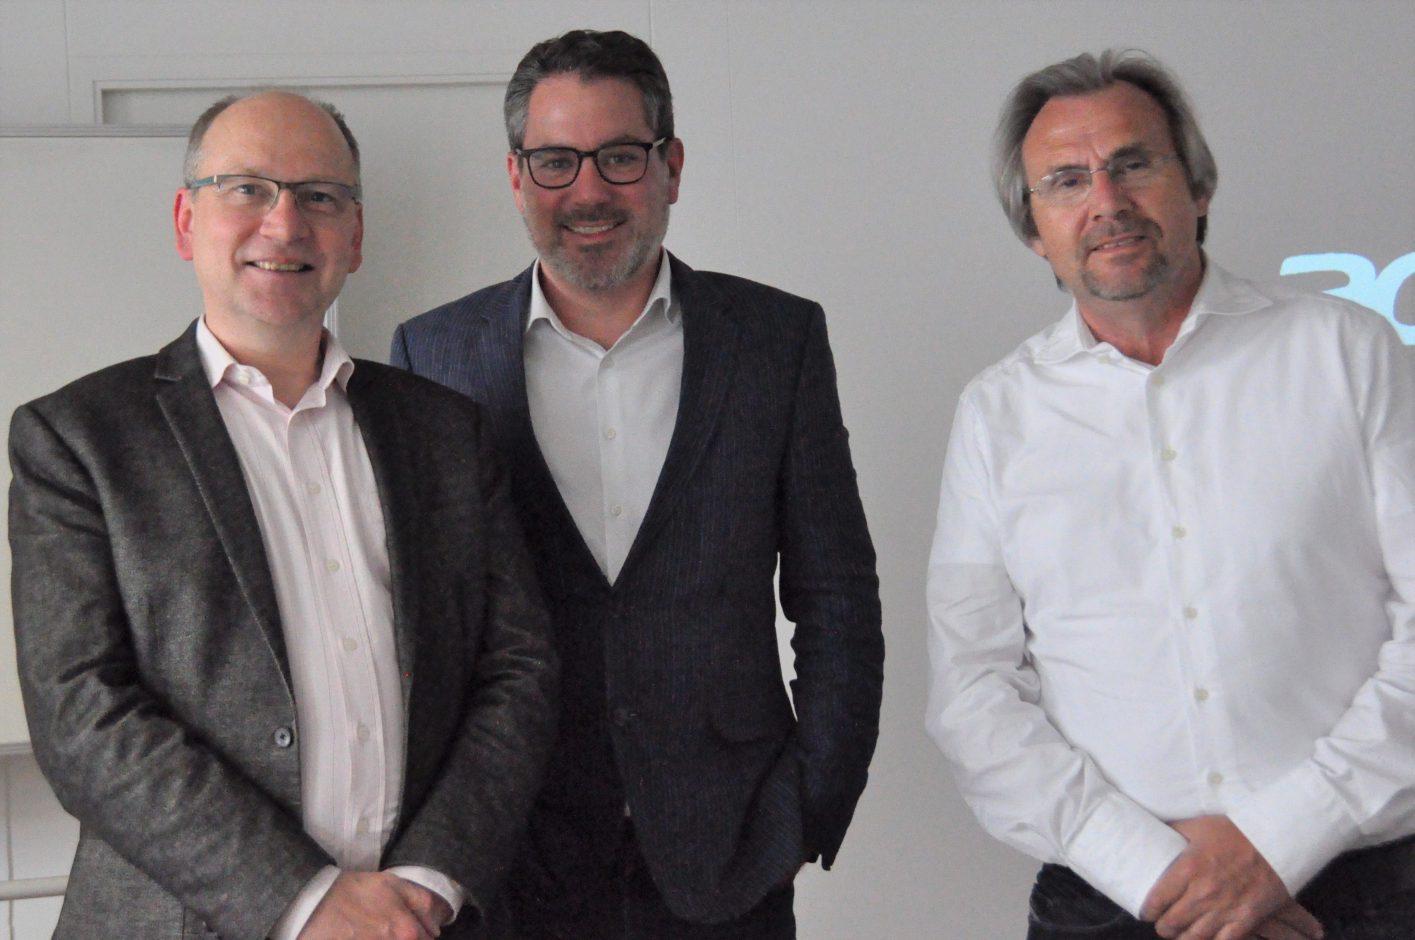 Andreas Quest, Oliver Hahr und Armin Vetter: Erfolgreiche PR-Konzeption nutzt kontinuierliches Communication Controlling Quelle: Akademie der media.